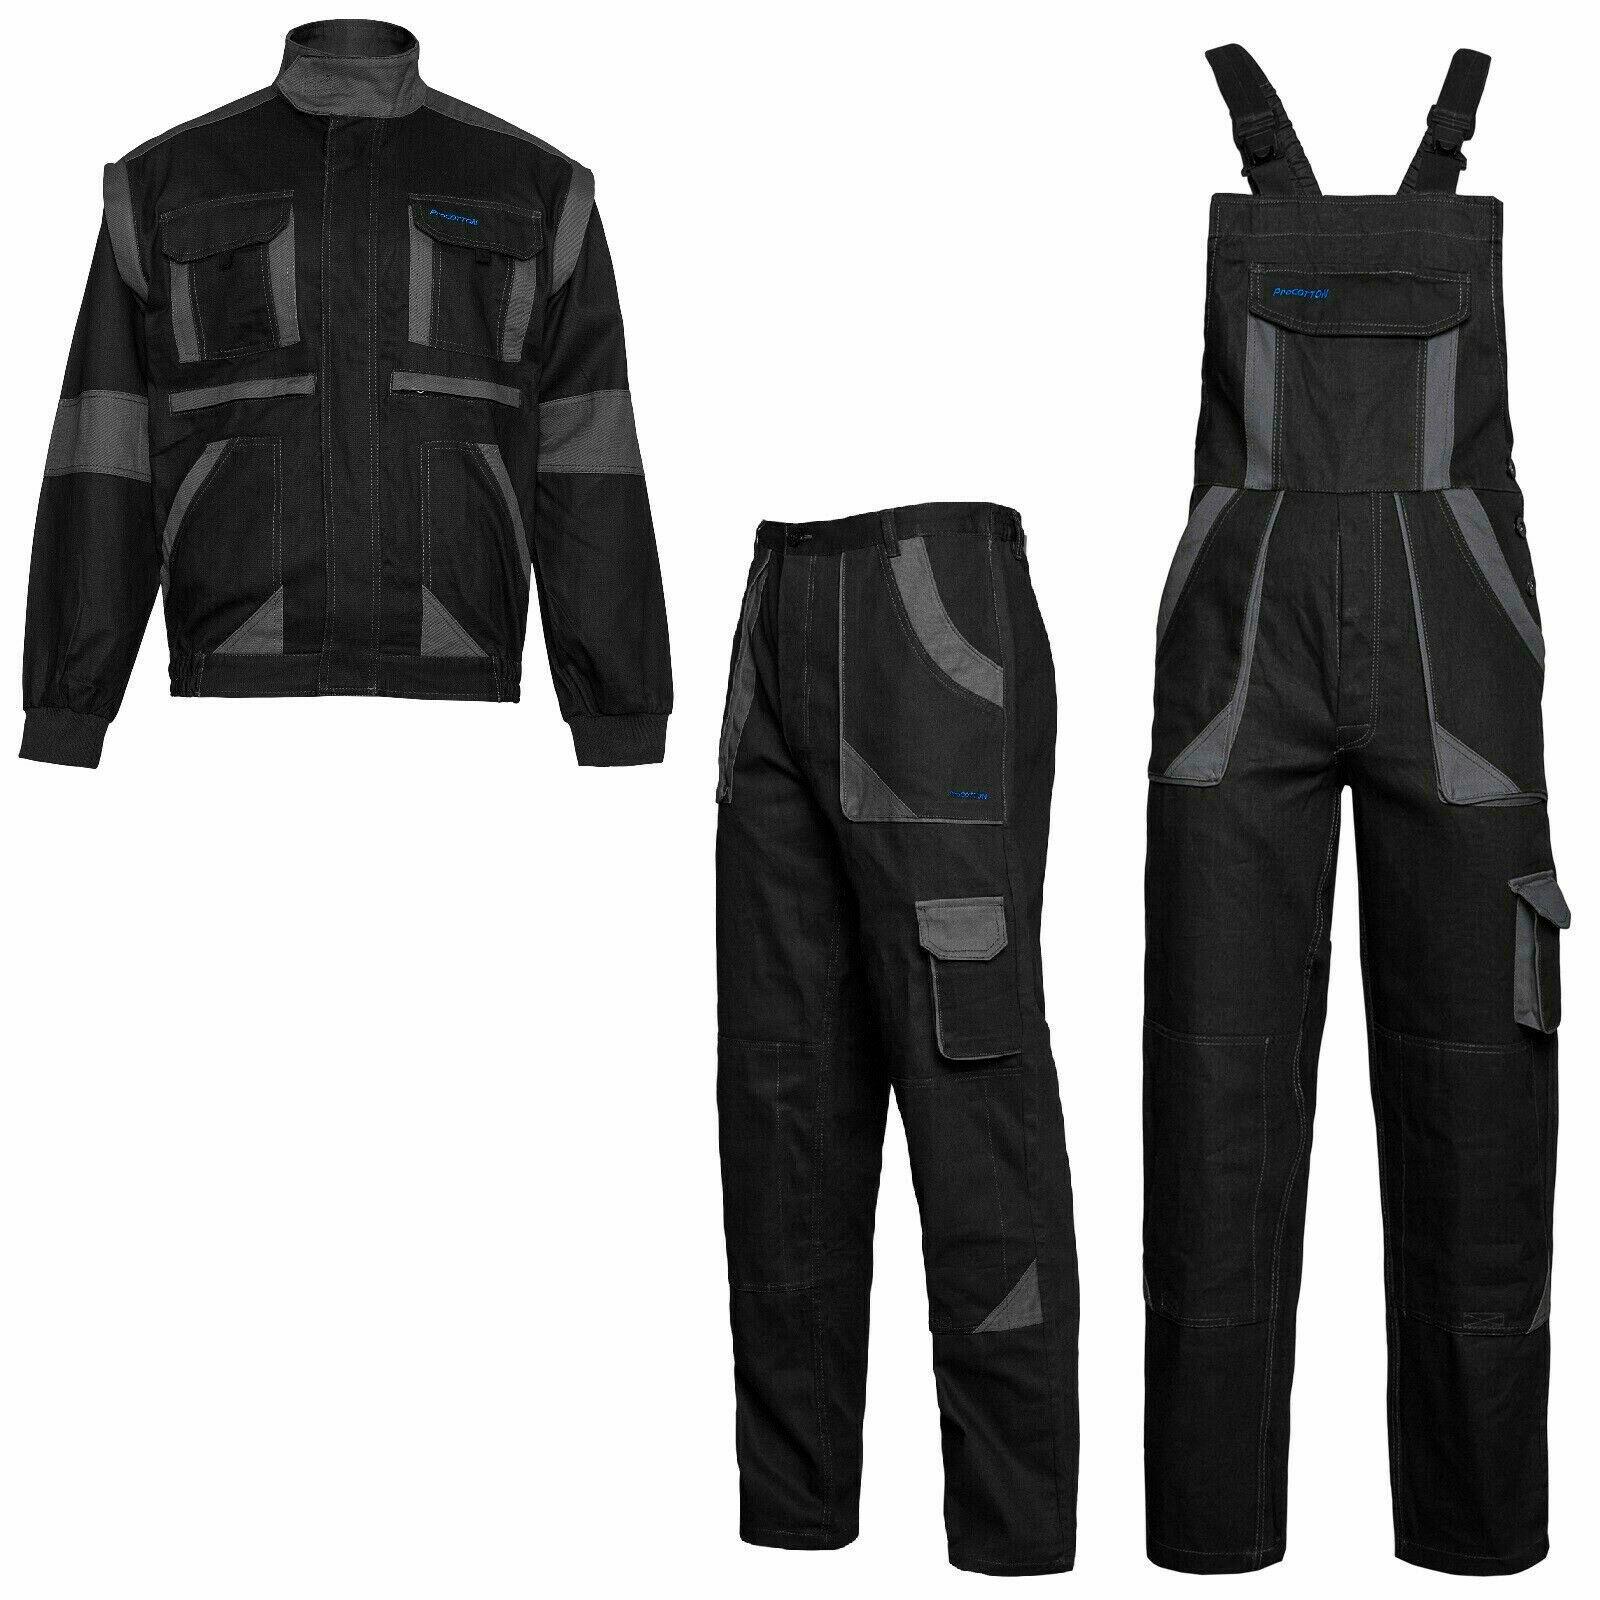 Arbeitshose Latzhose Arbeitsjacke 100% Baumwolle Schutzkleidung Berufskleidung